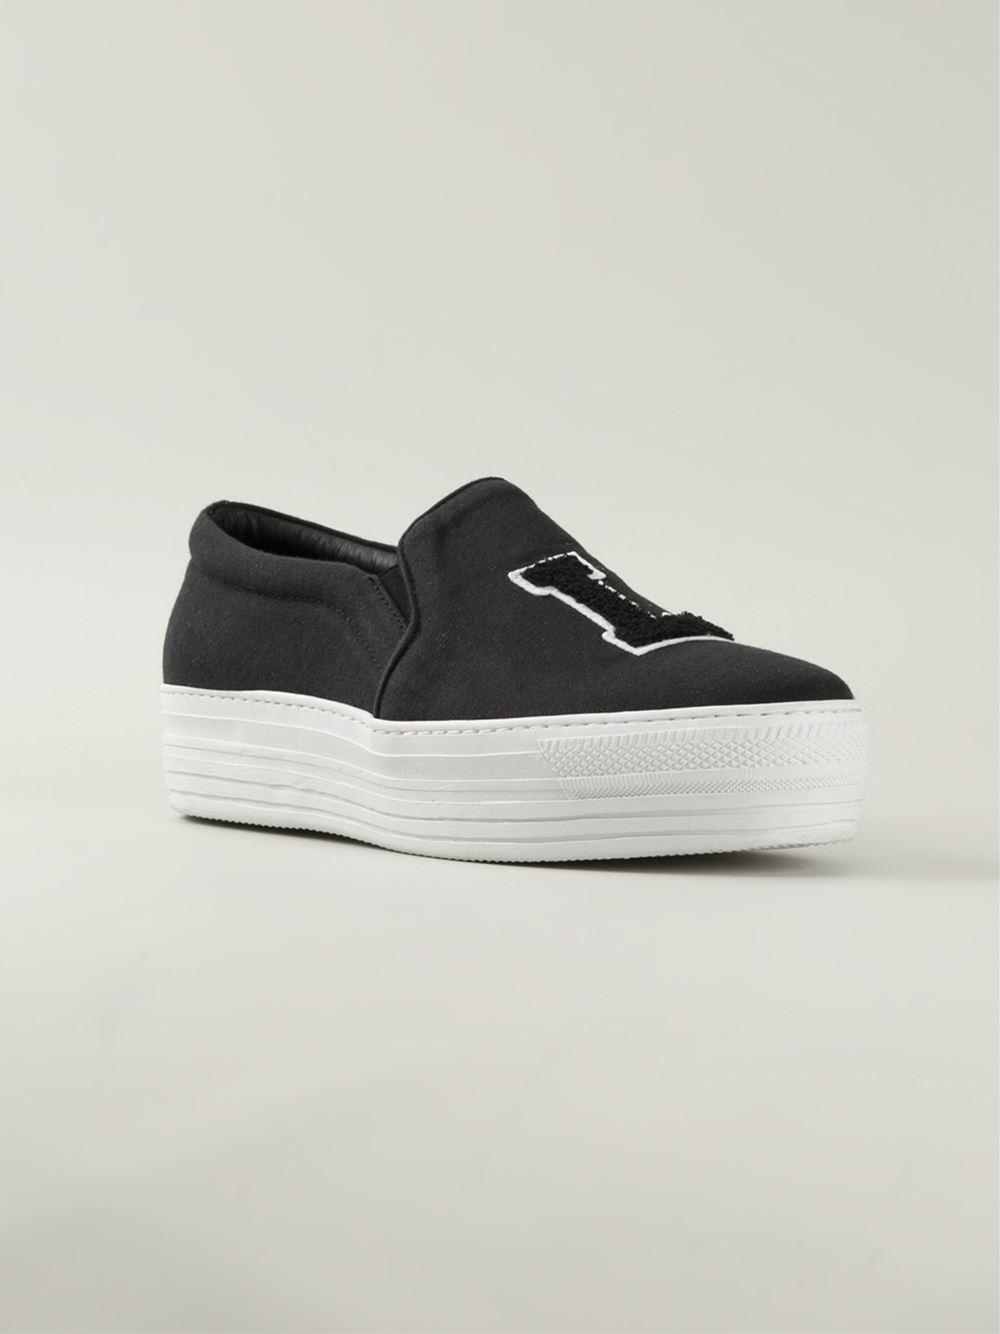 Joshua Sanders 'La' Platform Sneakers in Black